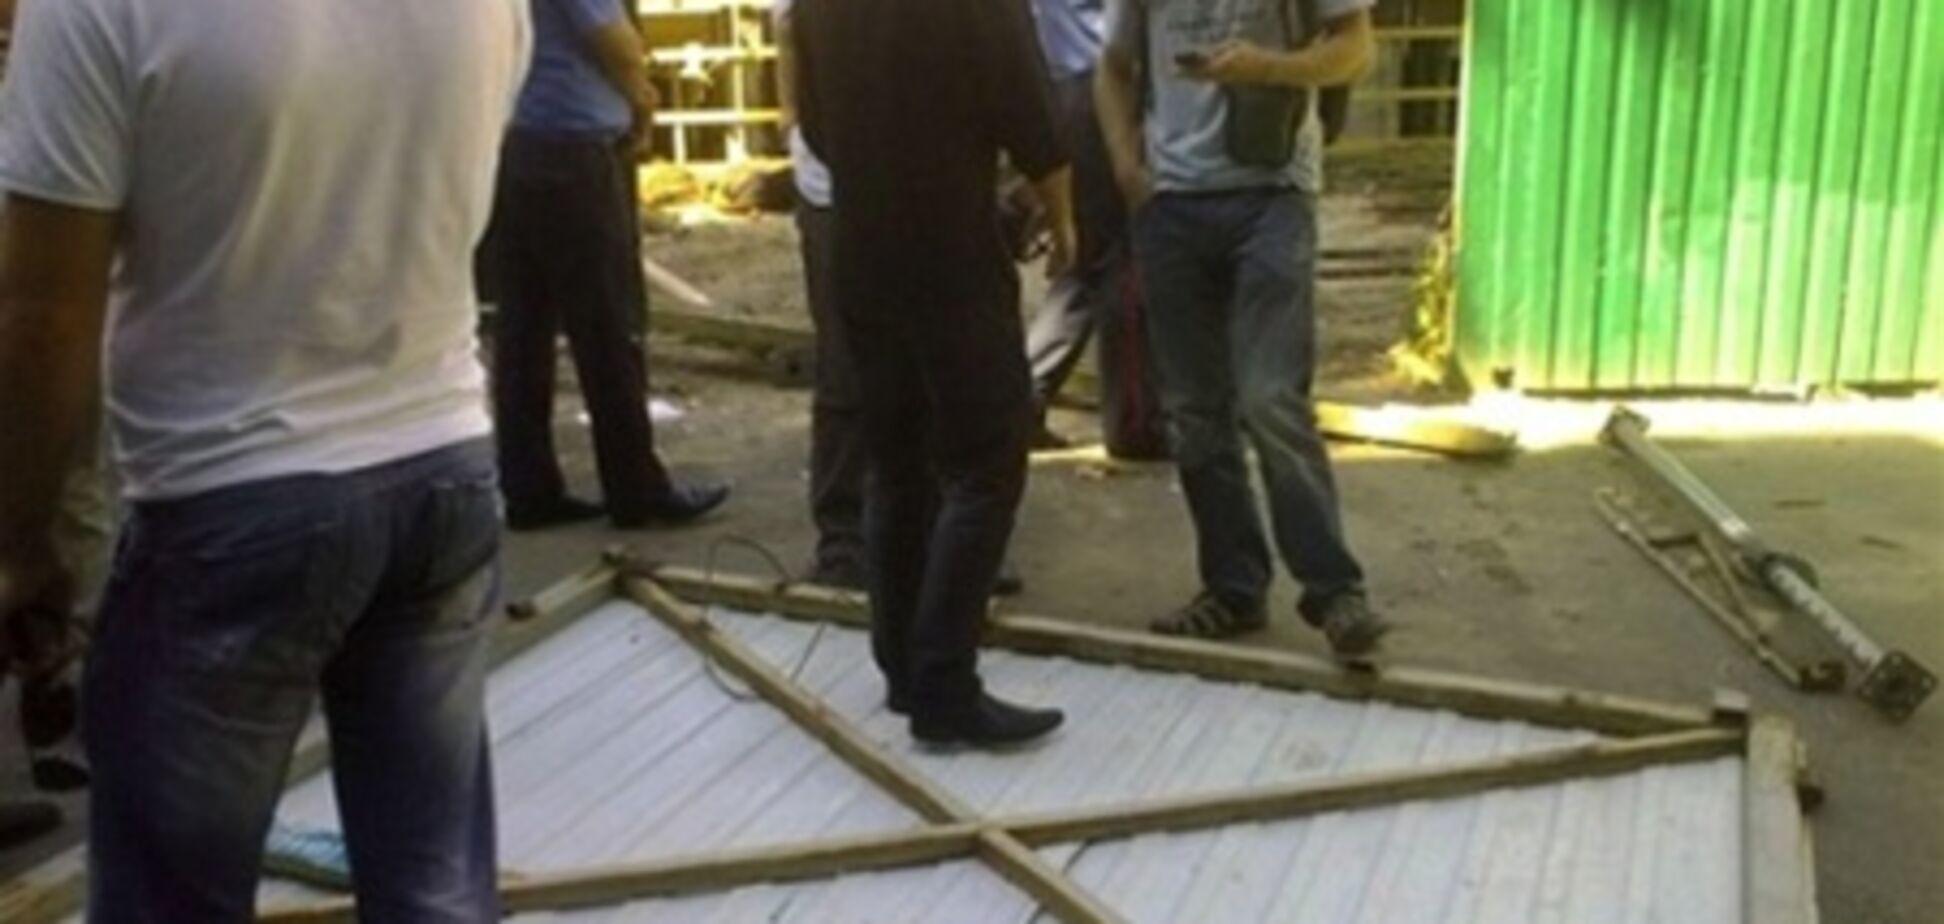 Строительный беспредел в центре Киева: подробности массовой драки